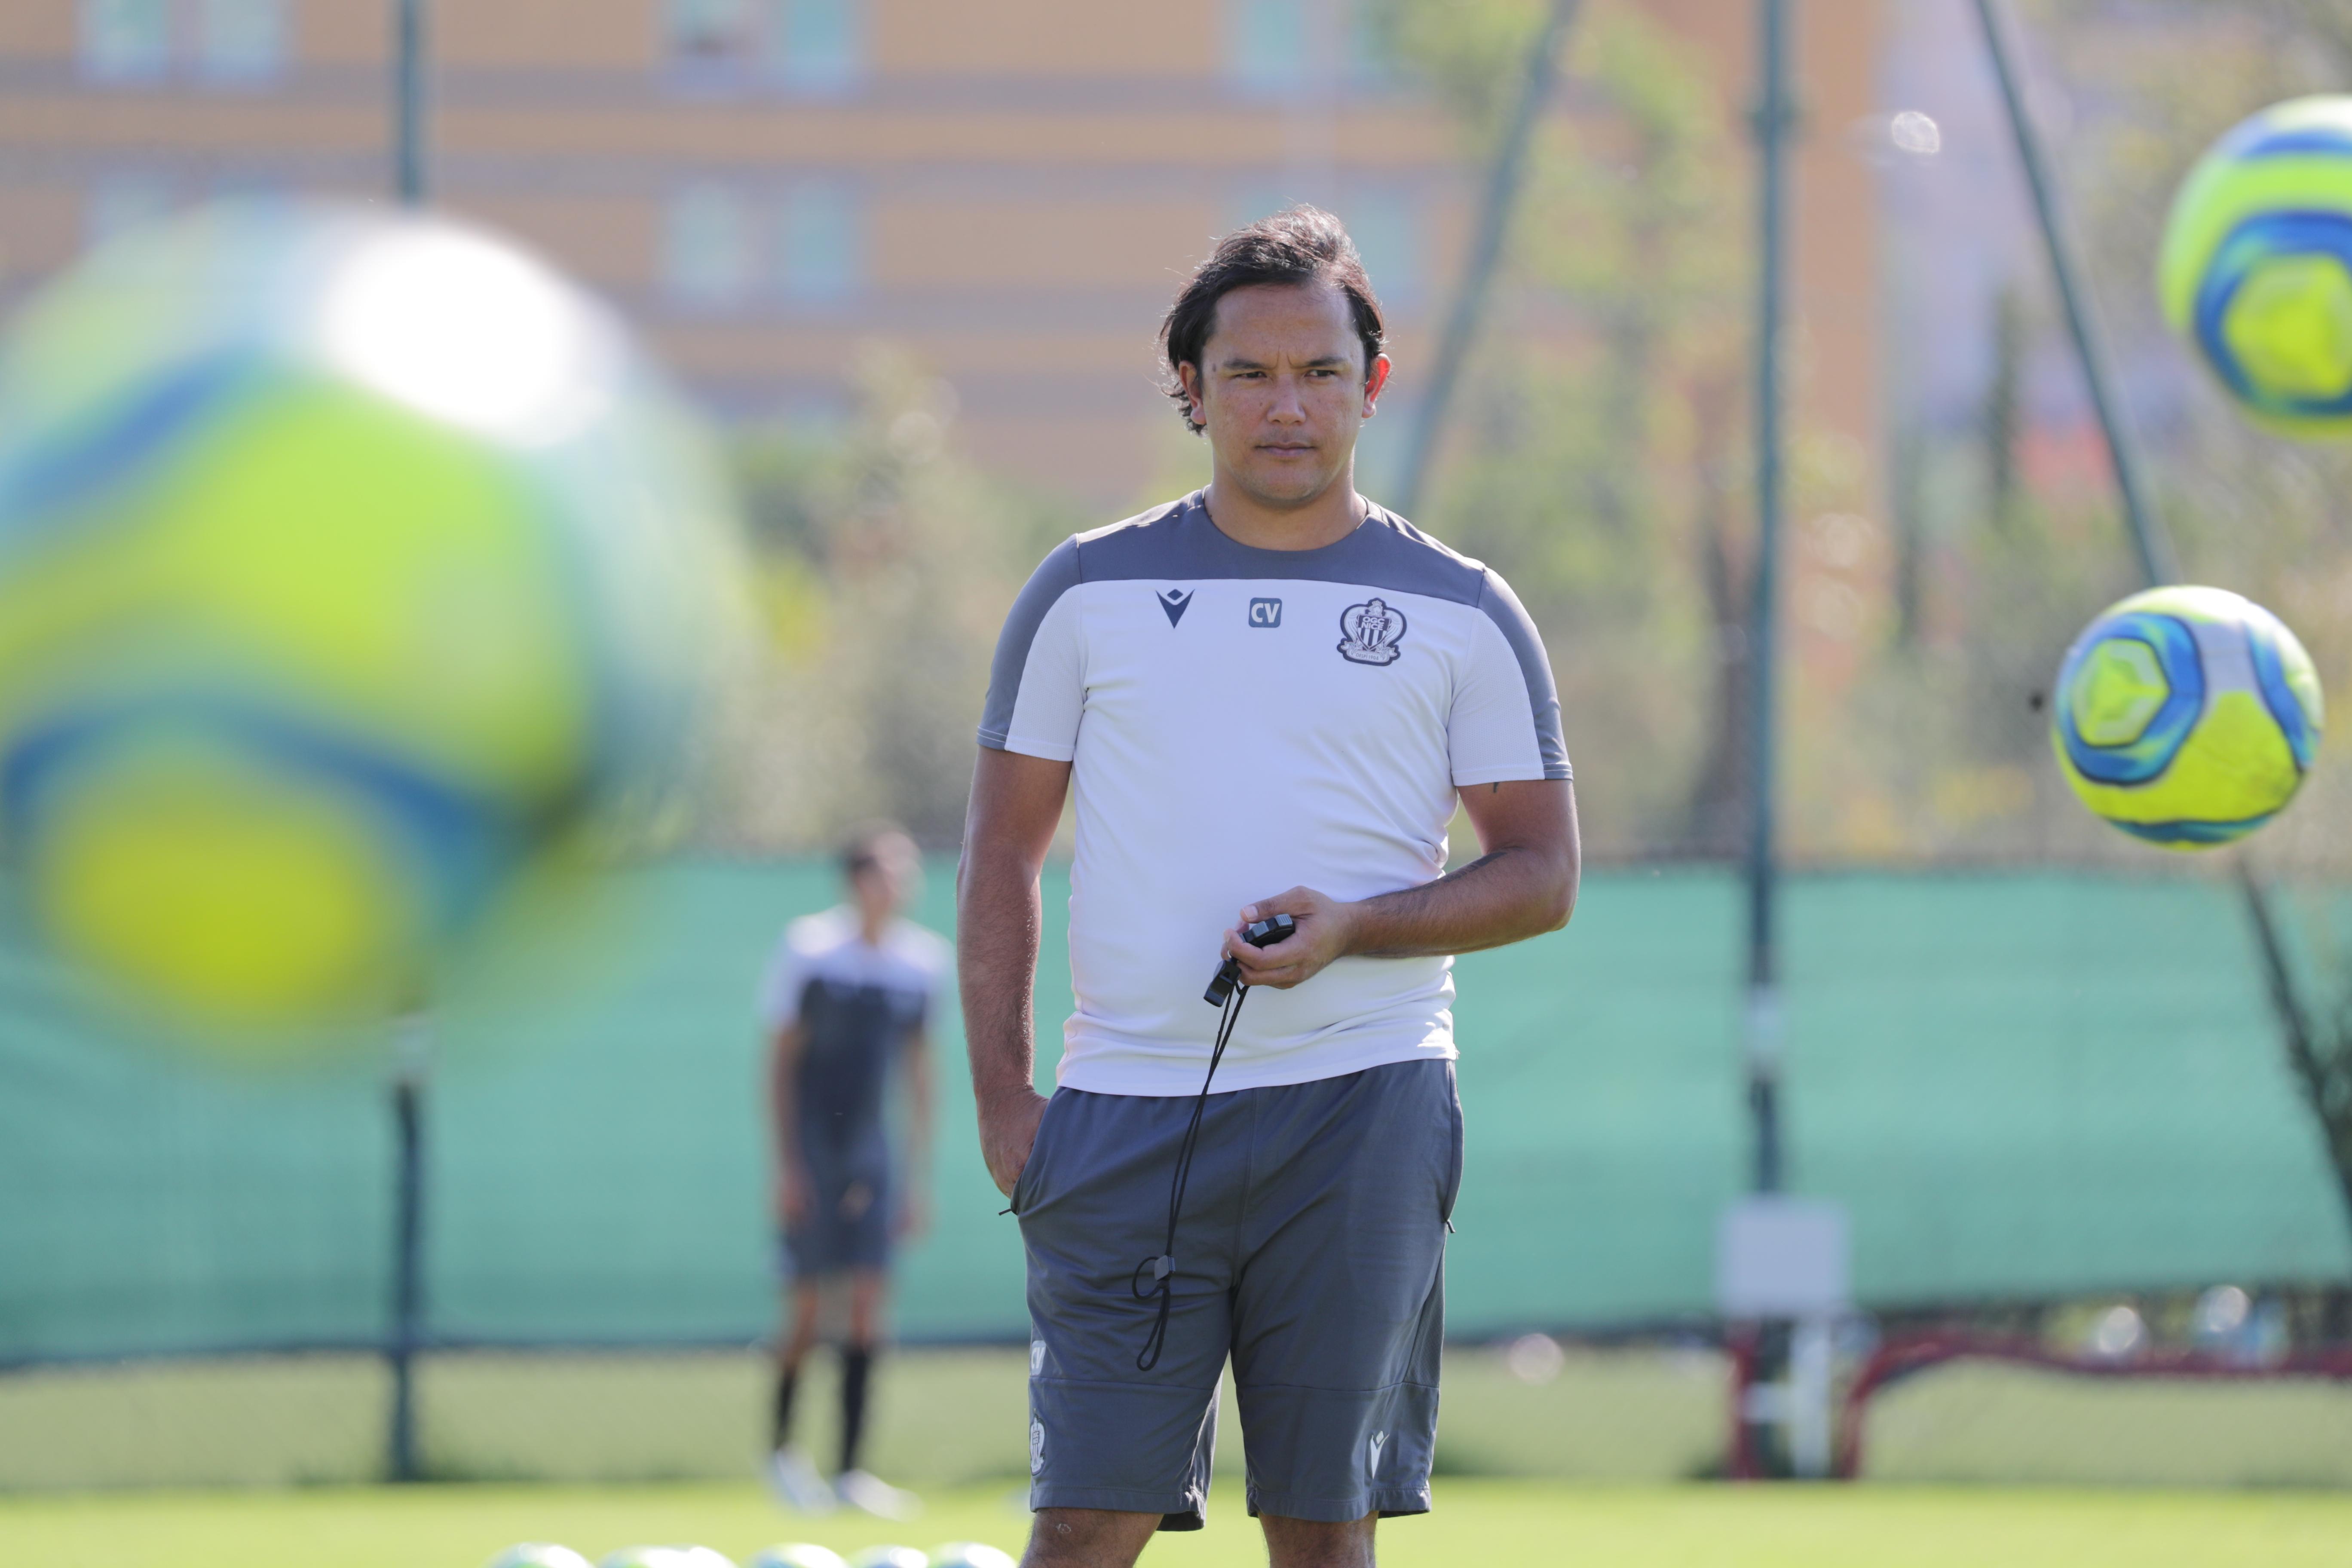 """J'ai un lien particulier avec le Gym, et quand ils m'ont contacté, ça a été une surprise, déjà, mais surtout que du bonheur"""", indique Marama Vahirua qui a disputé 111 matchs avec l'OGC Nice. (Photo : OGC Nice)"""